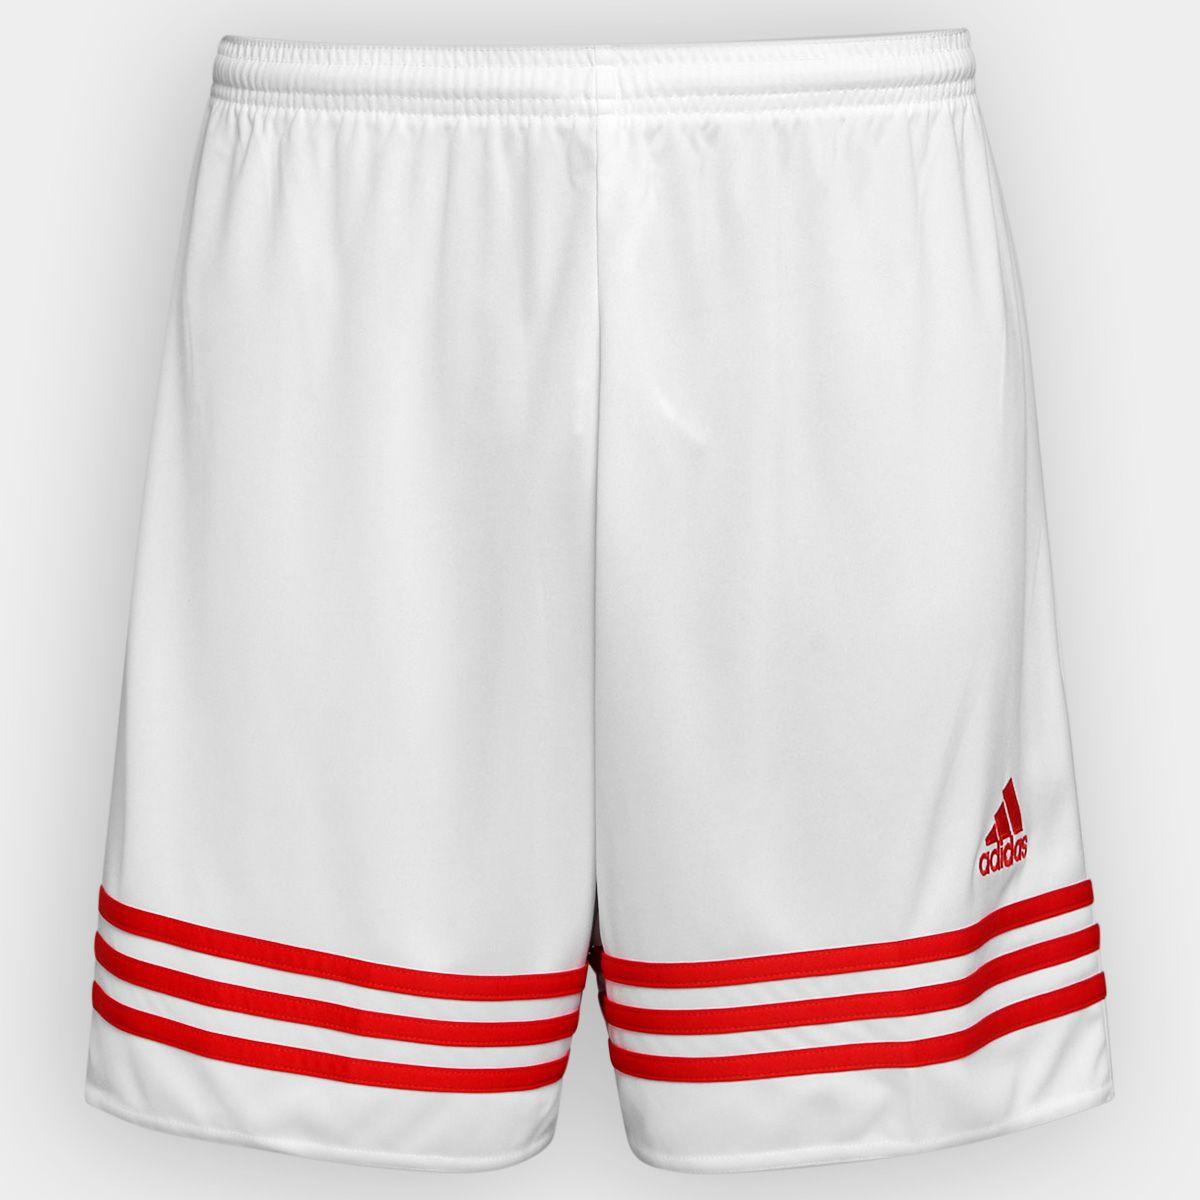 Short Adidas Masculino Entrada 14 Sho - Branco